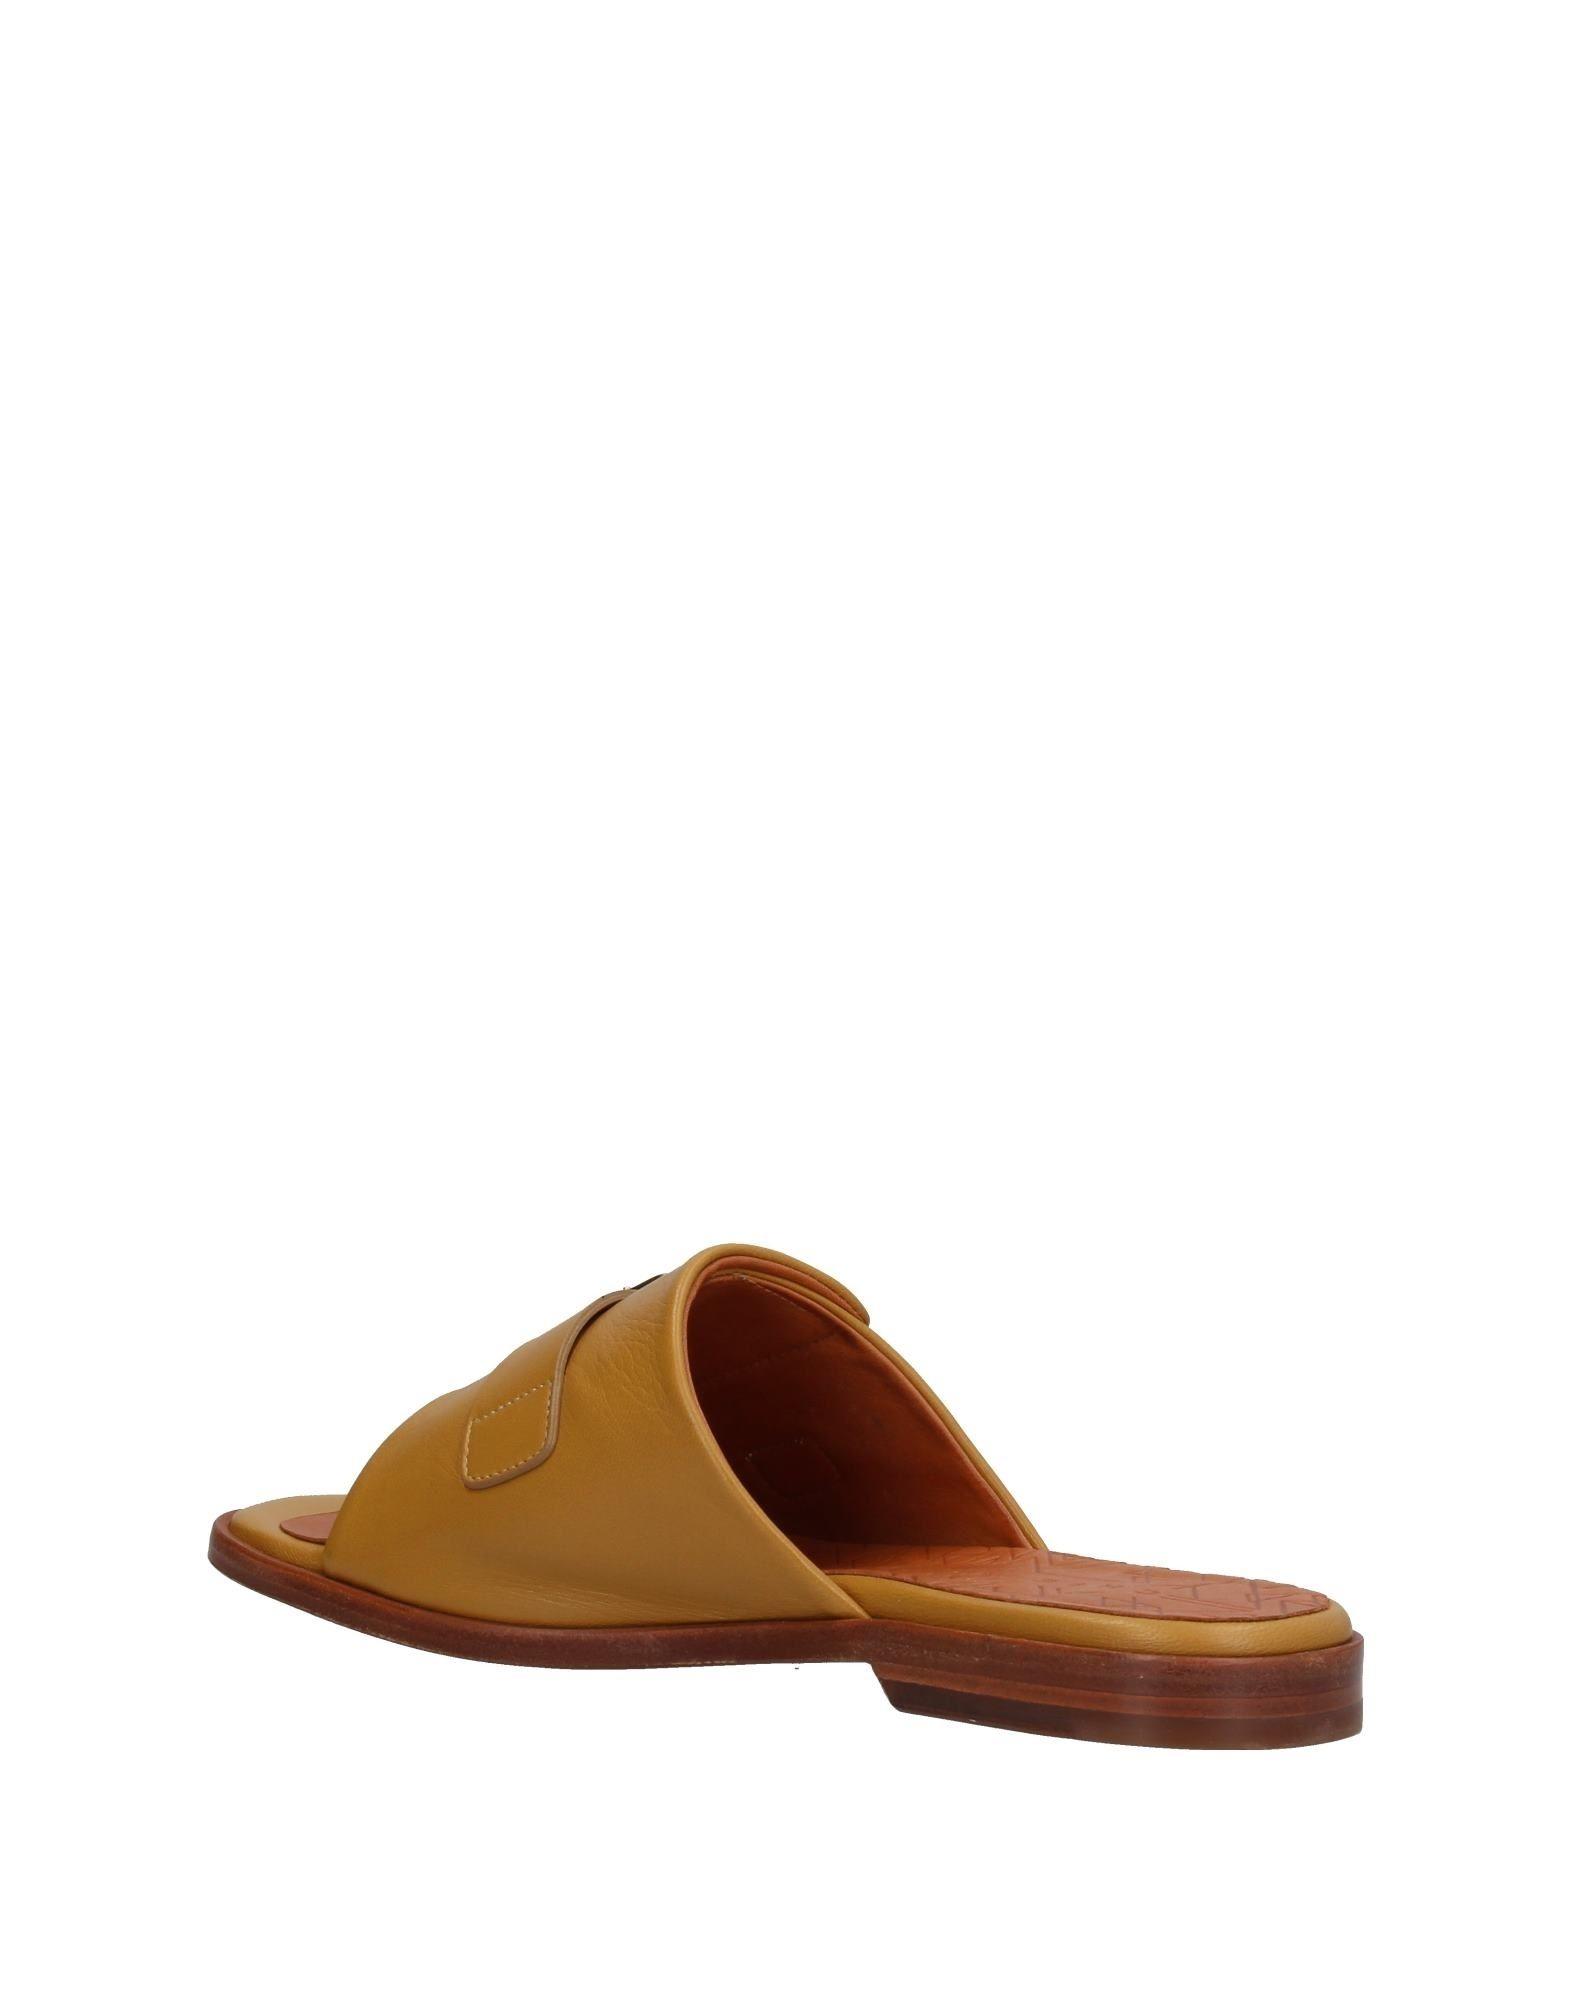 Sandales Chie Mihara Femme - Sandales Chie Mihara sur